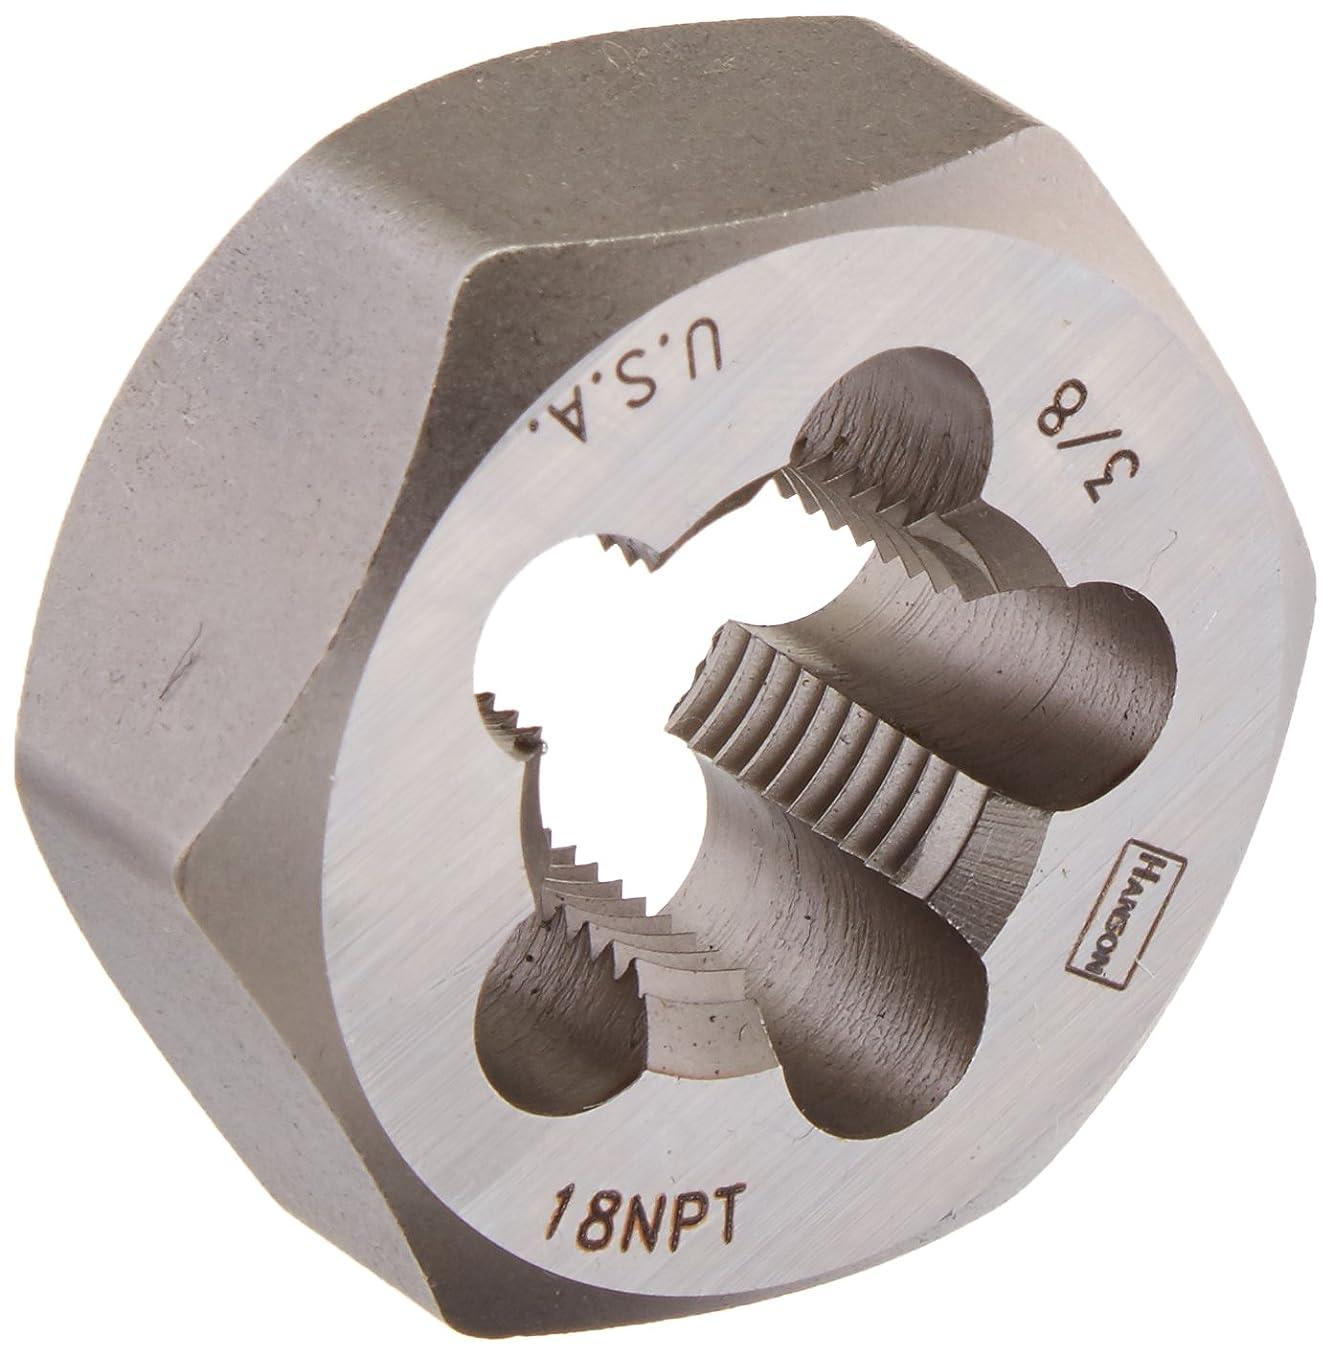 Irwin Tools 7404 Irwin High Carbon Steel Re-Threading Hexagon Taper Pipe Dies - Die 3/8-18NPT Hrt Hanson